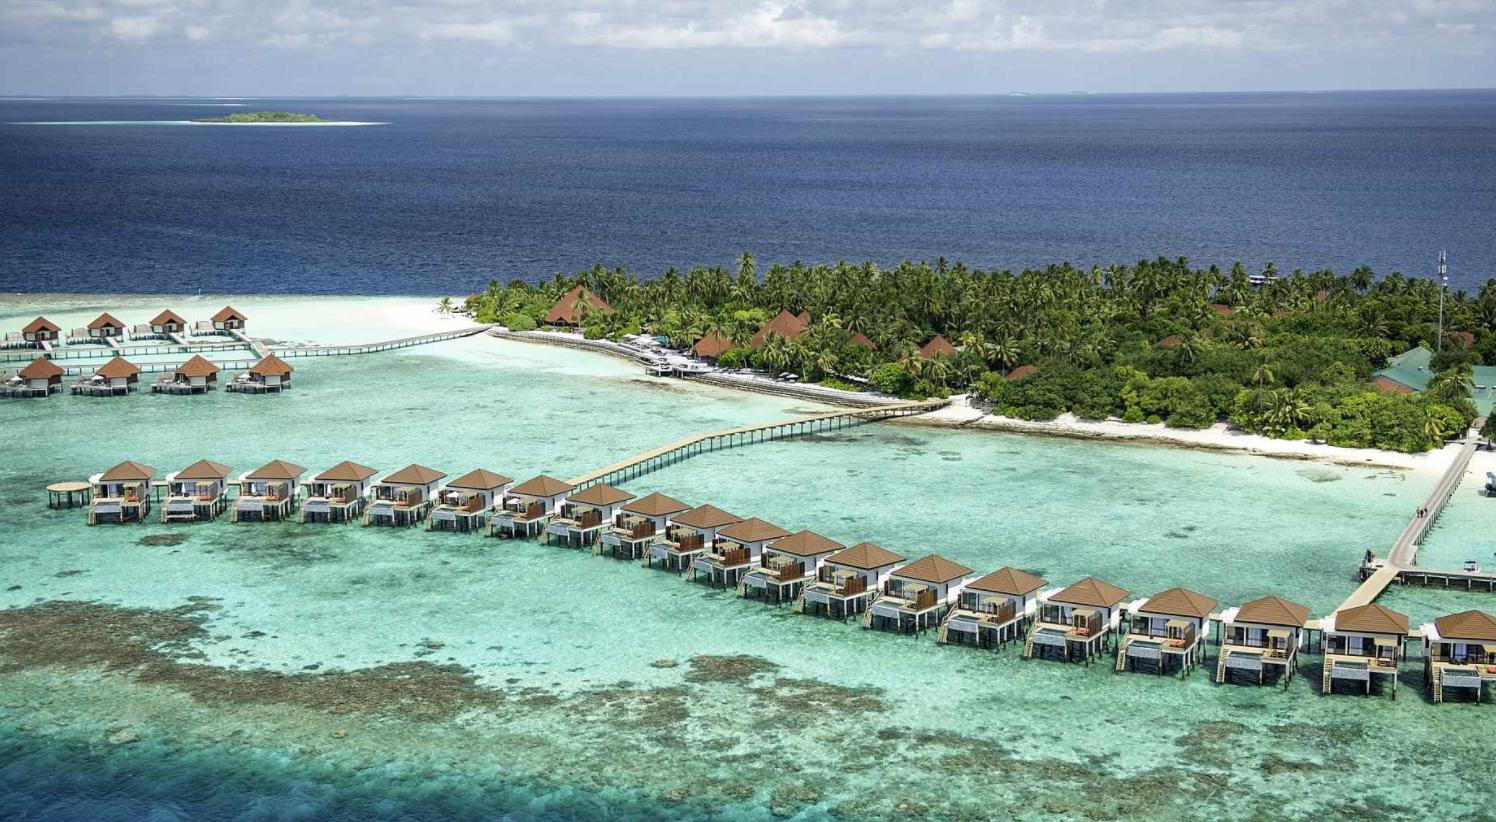 鲁宾逊|罗宾逊|鲁滨逊 Robinson Club ,马尔代夫风景图片集:沙滩beach与海水water太美,泳池pool与水上活动watersport好玩